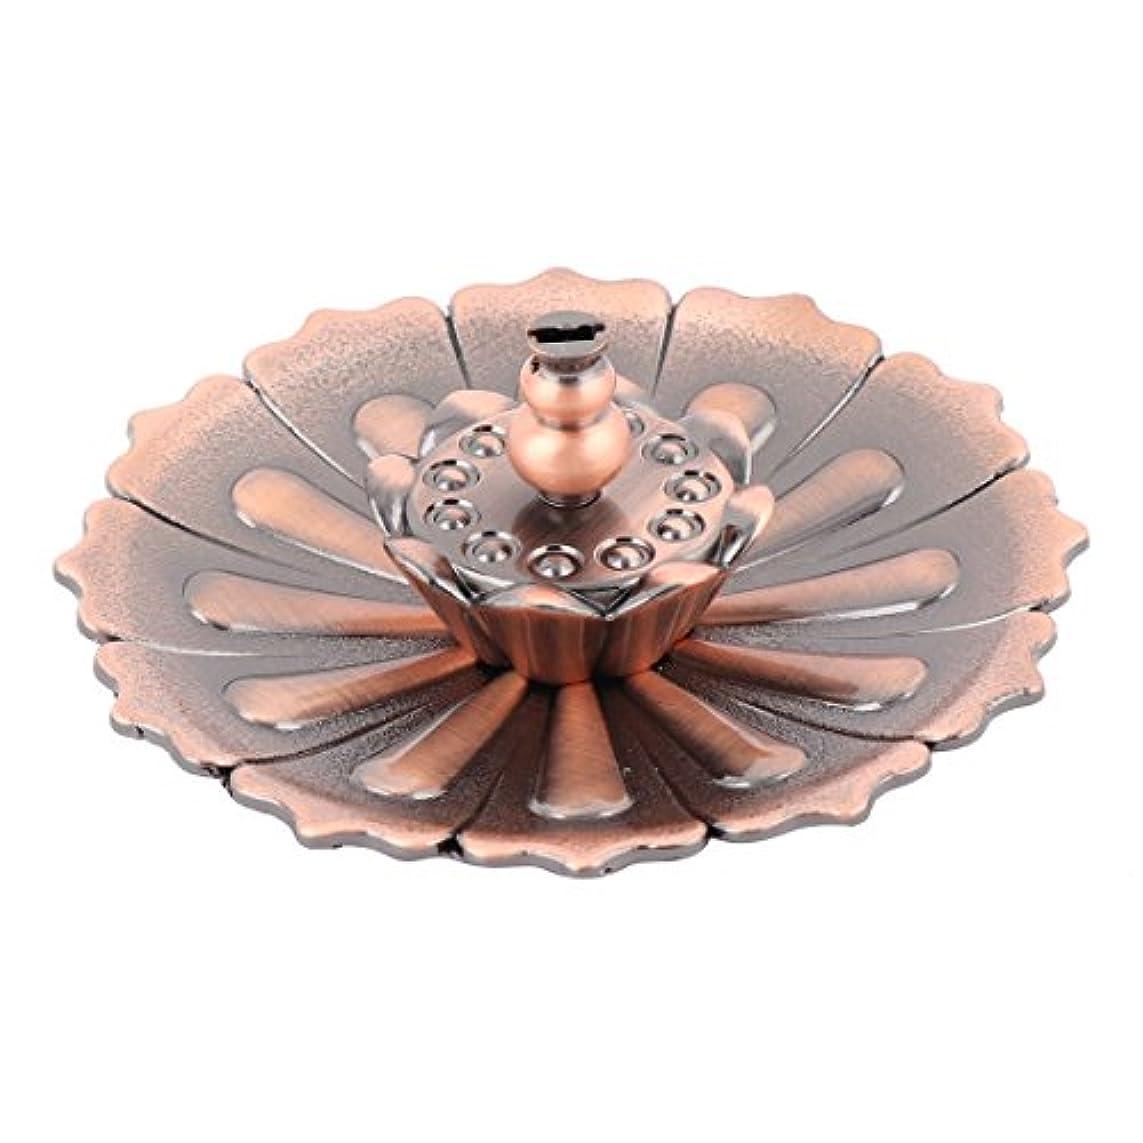 広範囲に着実に魅惑するuxcell 香炉ホルダー お香立て インセンスホルダー 蓮 ロータス 花型 セット 金属製 家庭用 直径10cm